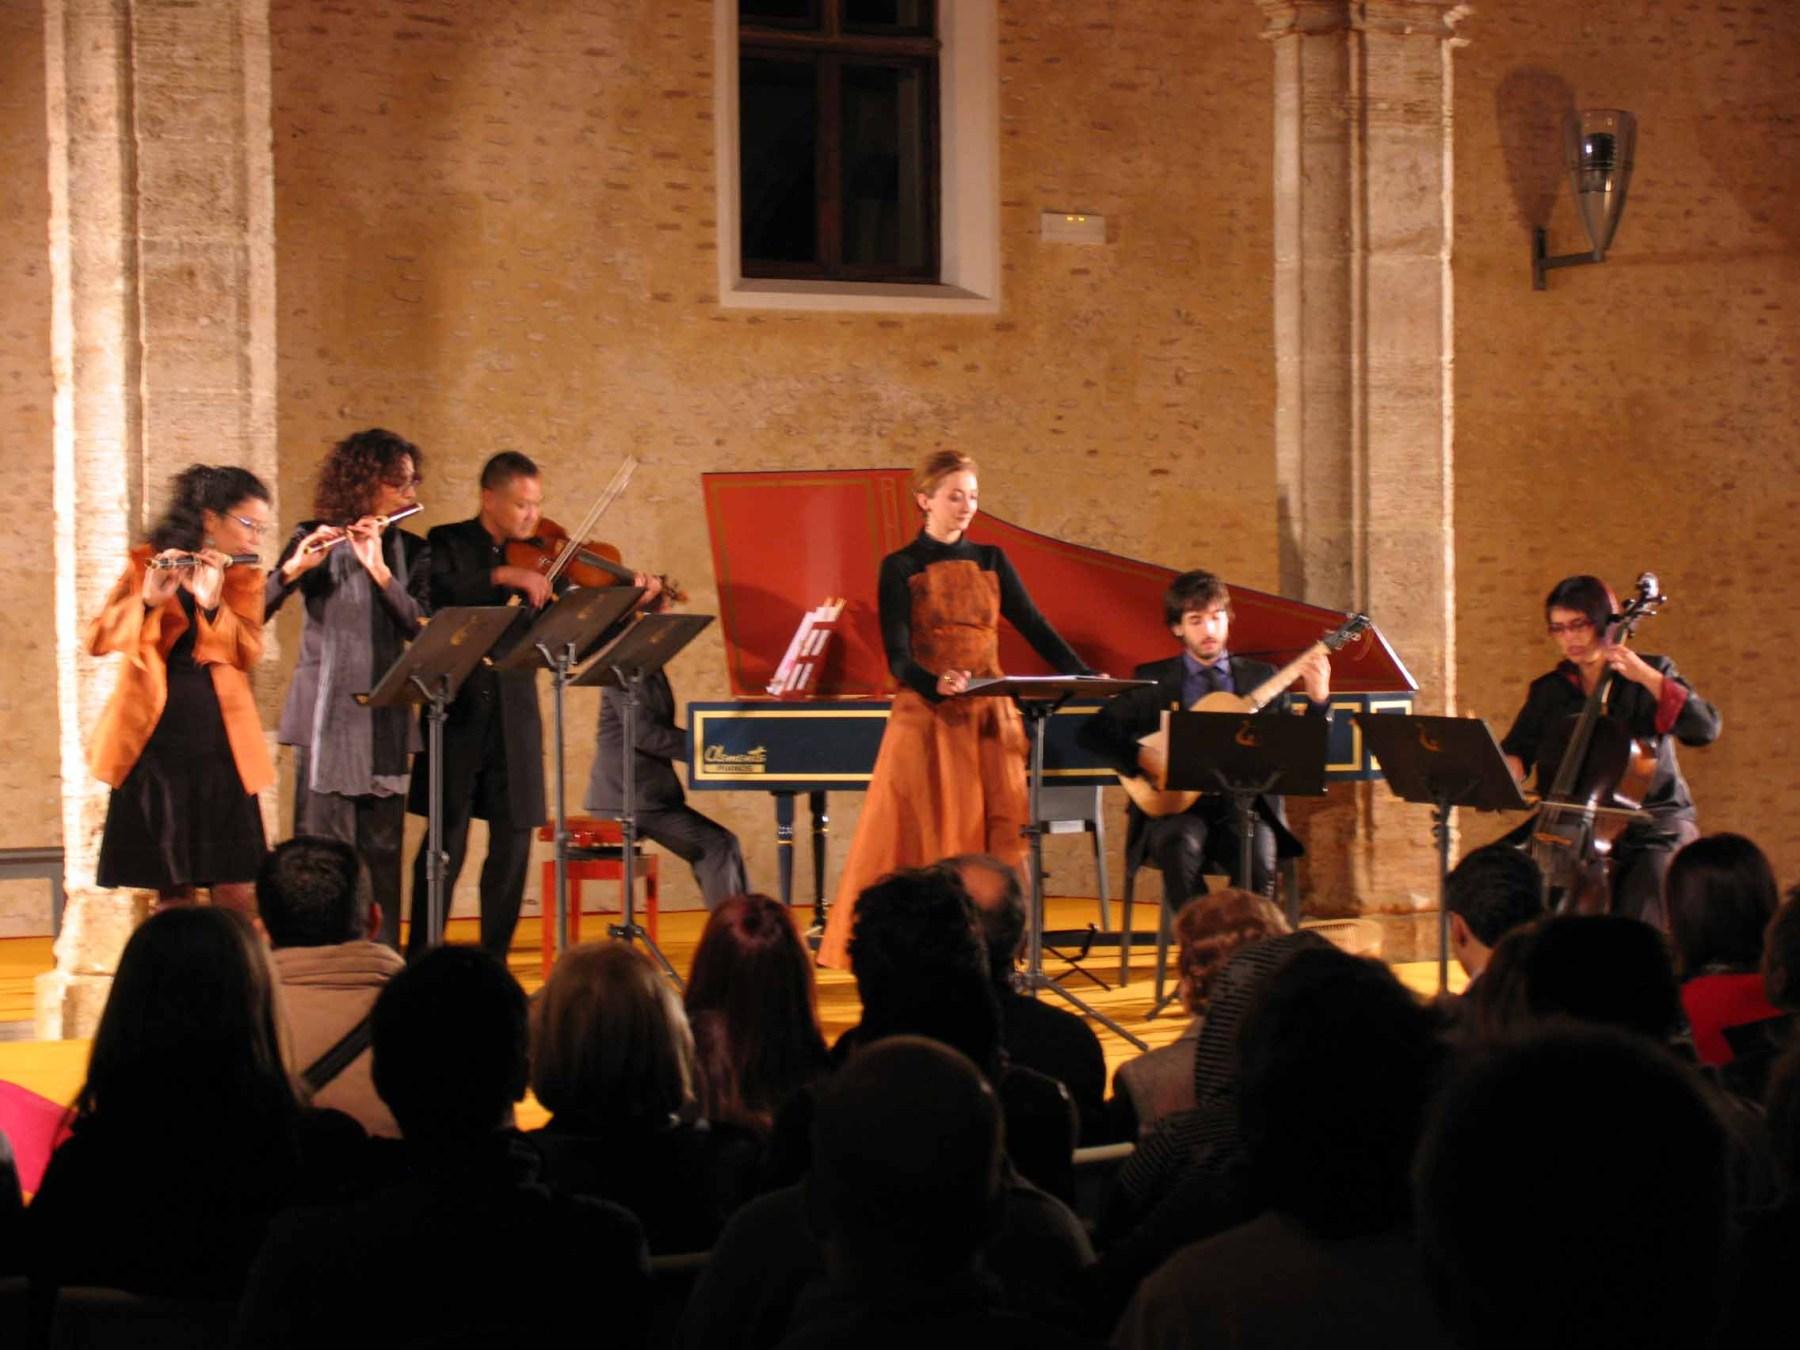 Els valencians Estil Concertant actuen en el Festival Internacional de Música Antiga i Barroca de Peníscola